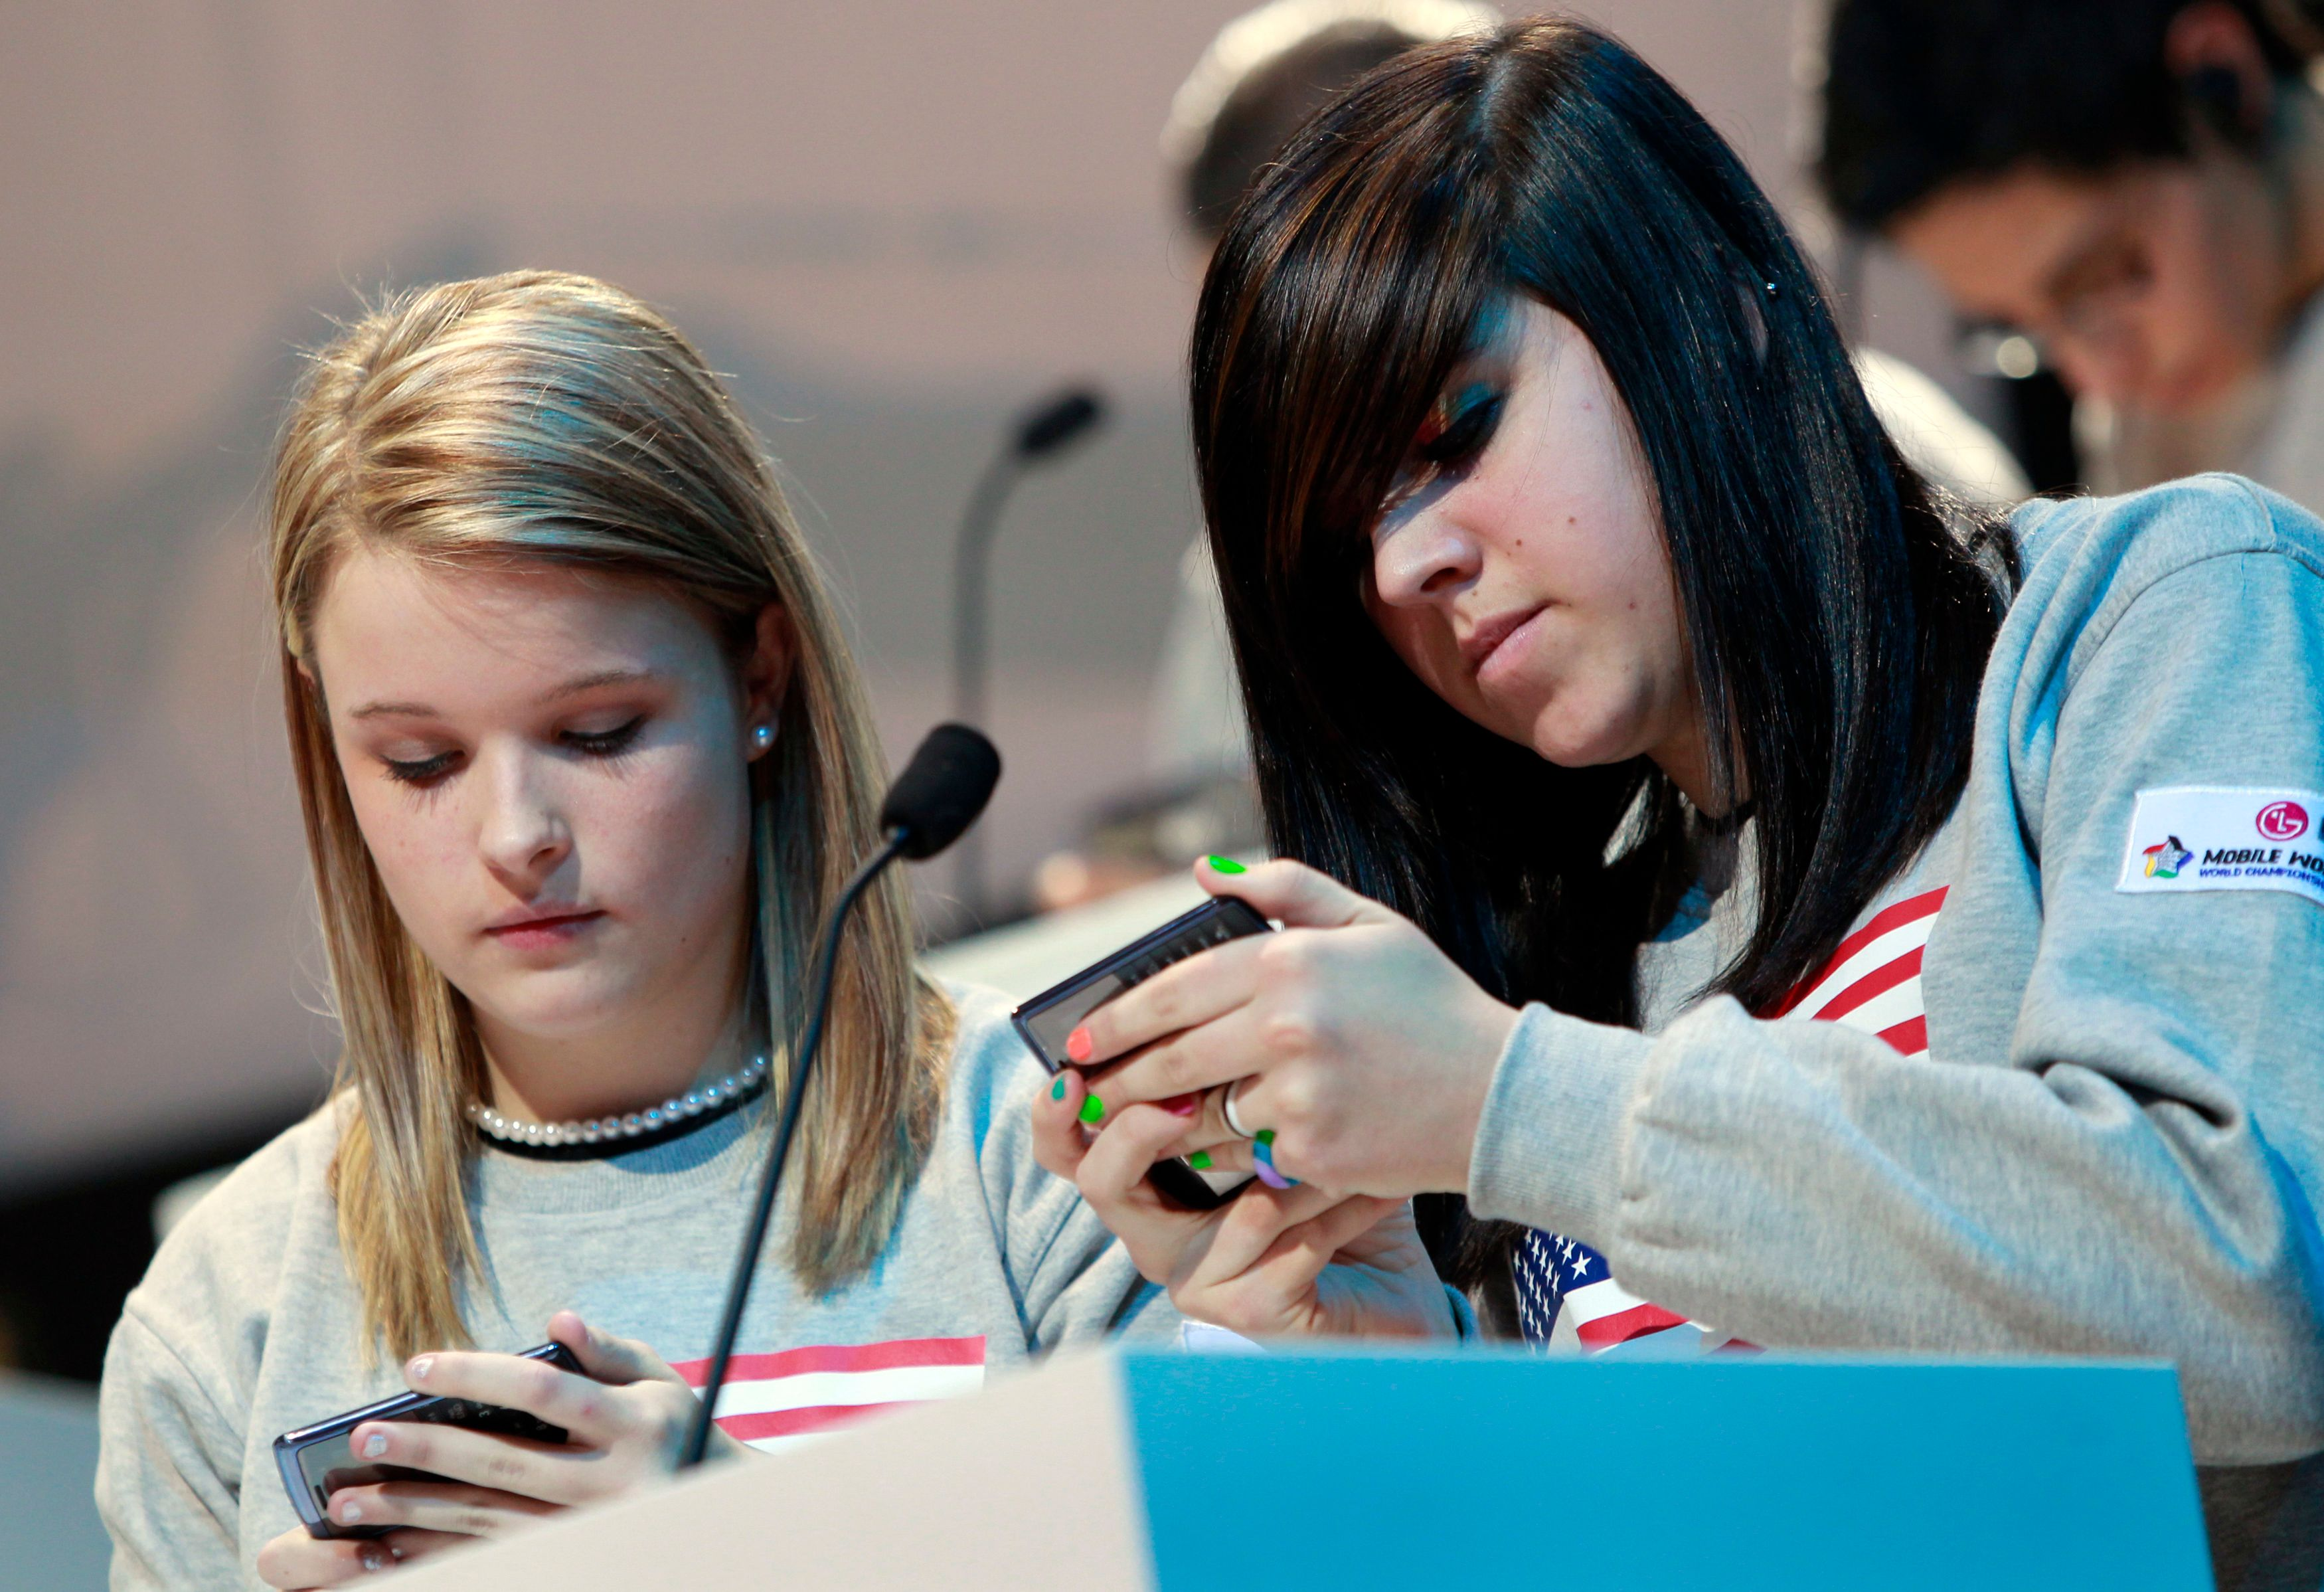 Les enfants et adolescents dont les parents font des stars de leurs réseaux sociaux ont un avis sur le sujet. Et ils ne sont souvent pas contents !